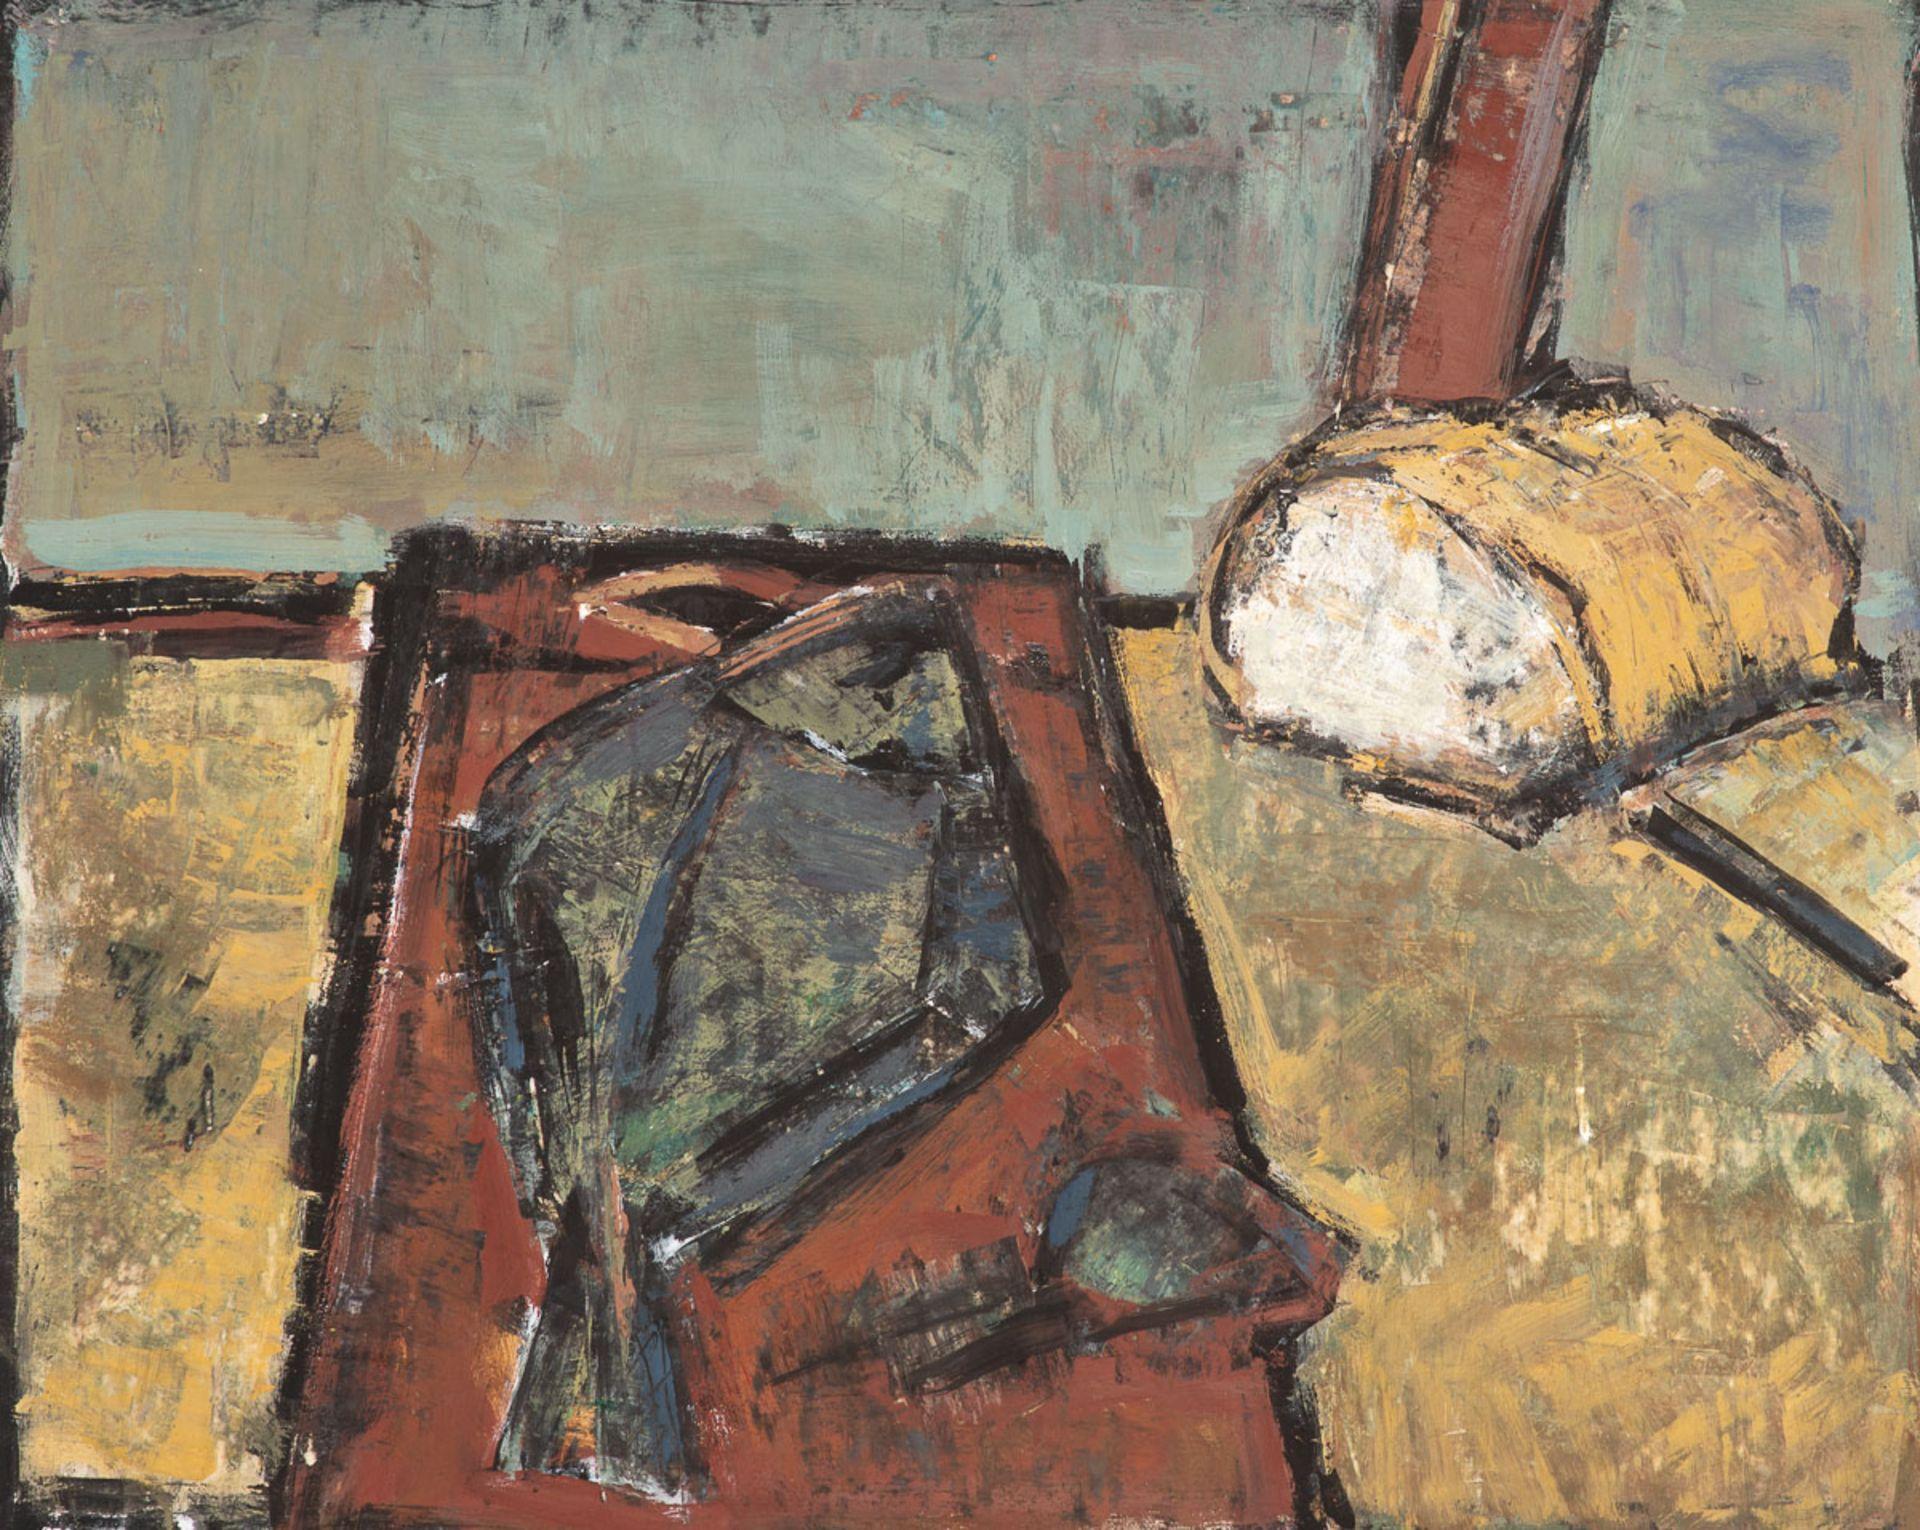 Klaus–Dieter Gerlach – Brot und Flunder. 1984.